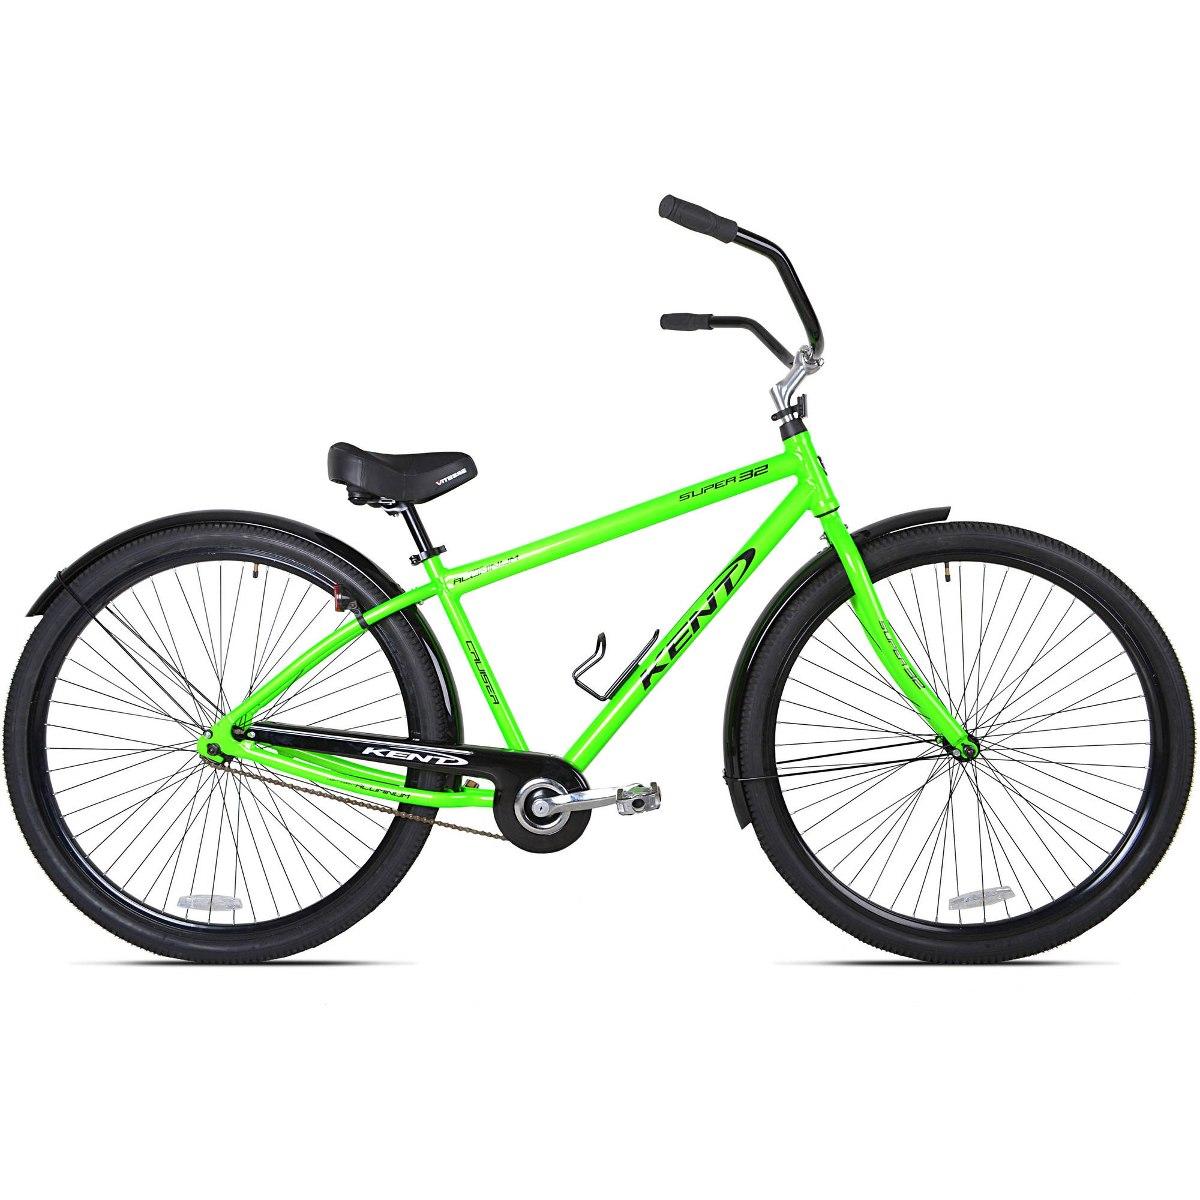 32 Kent Super 32 Bici Del Crucero De Playa Unisex, Verde - $ 1.240 ...